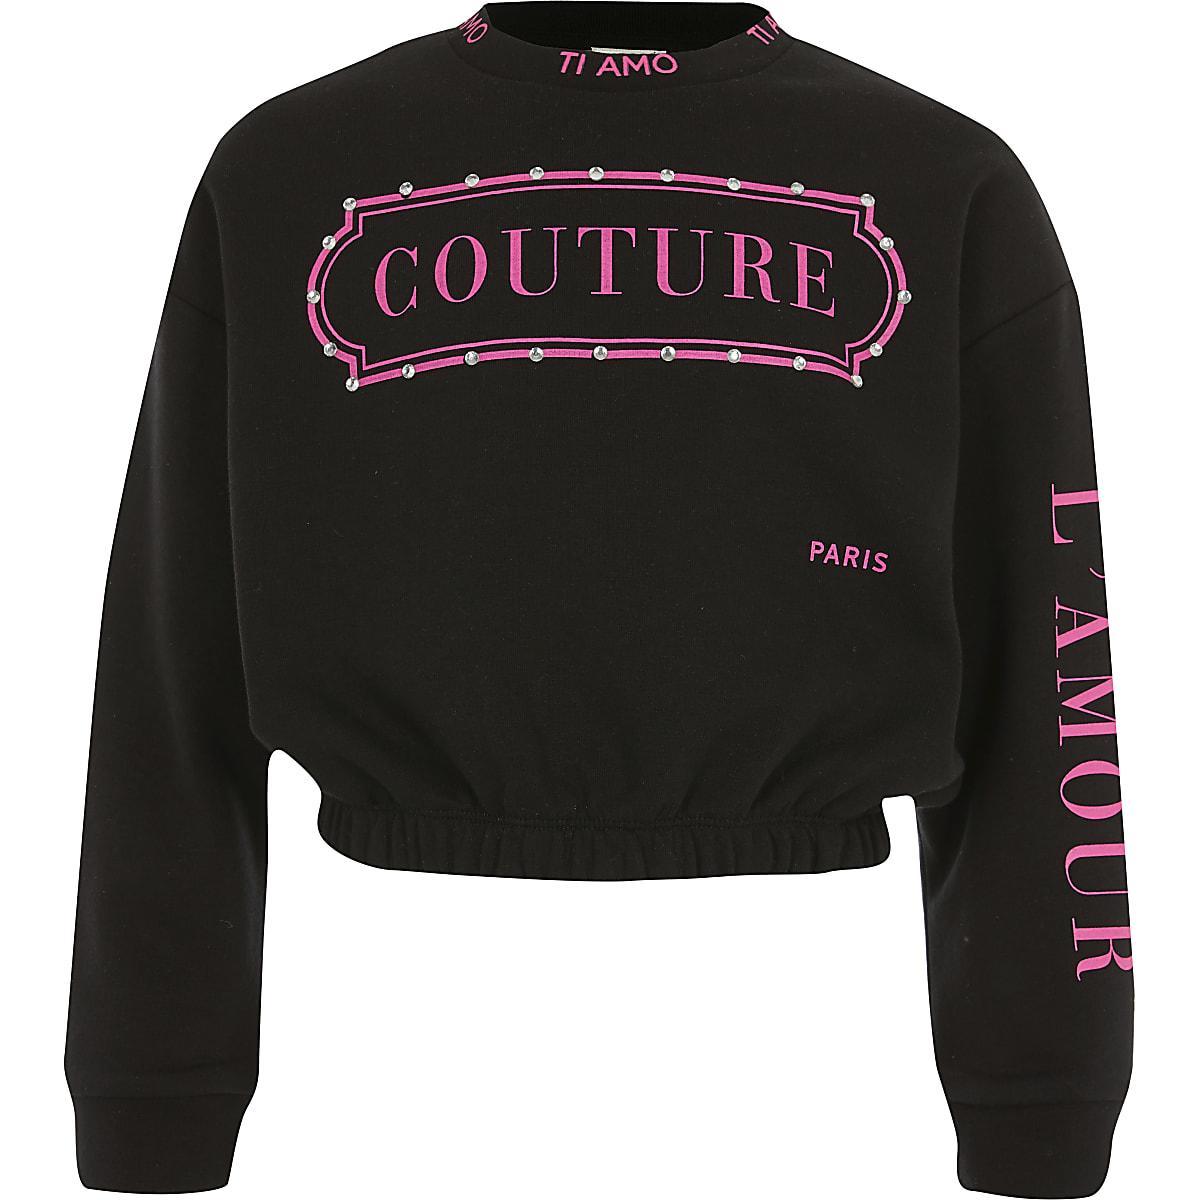 Couture - Zwart sweatshirt voor meisjes